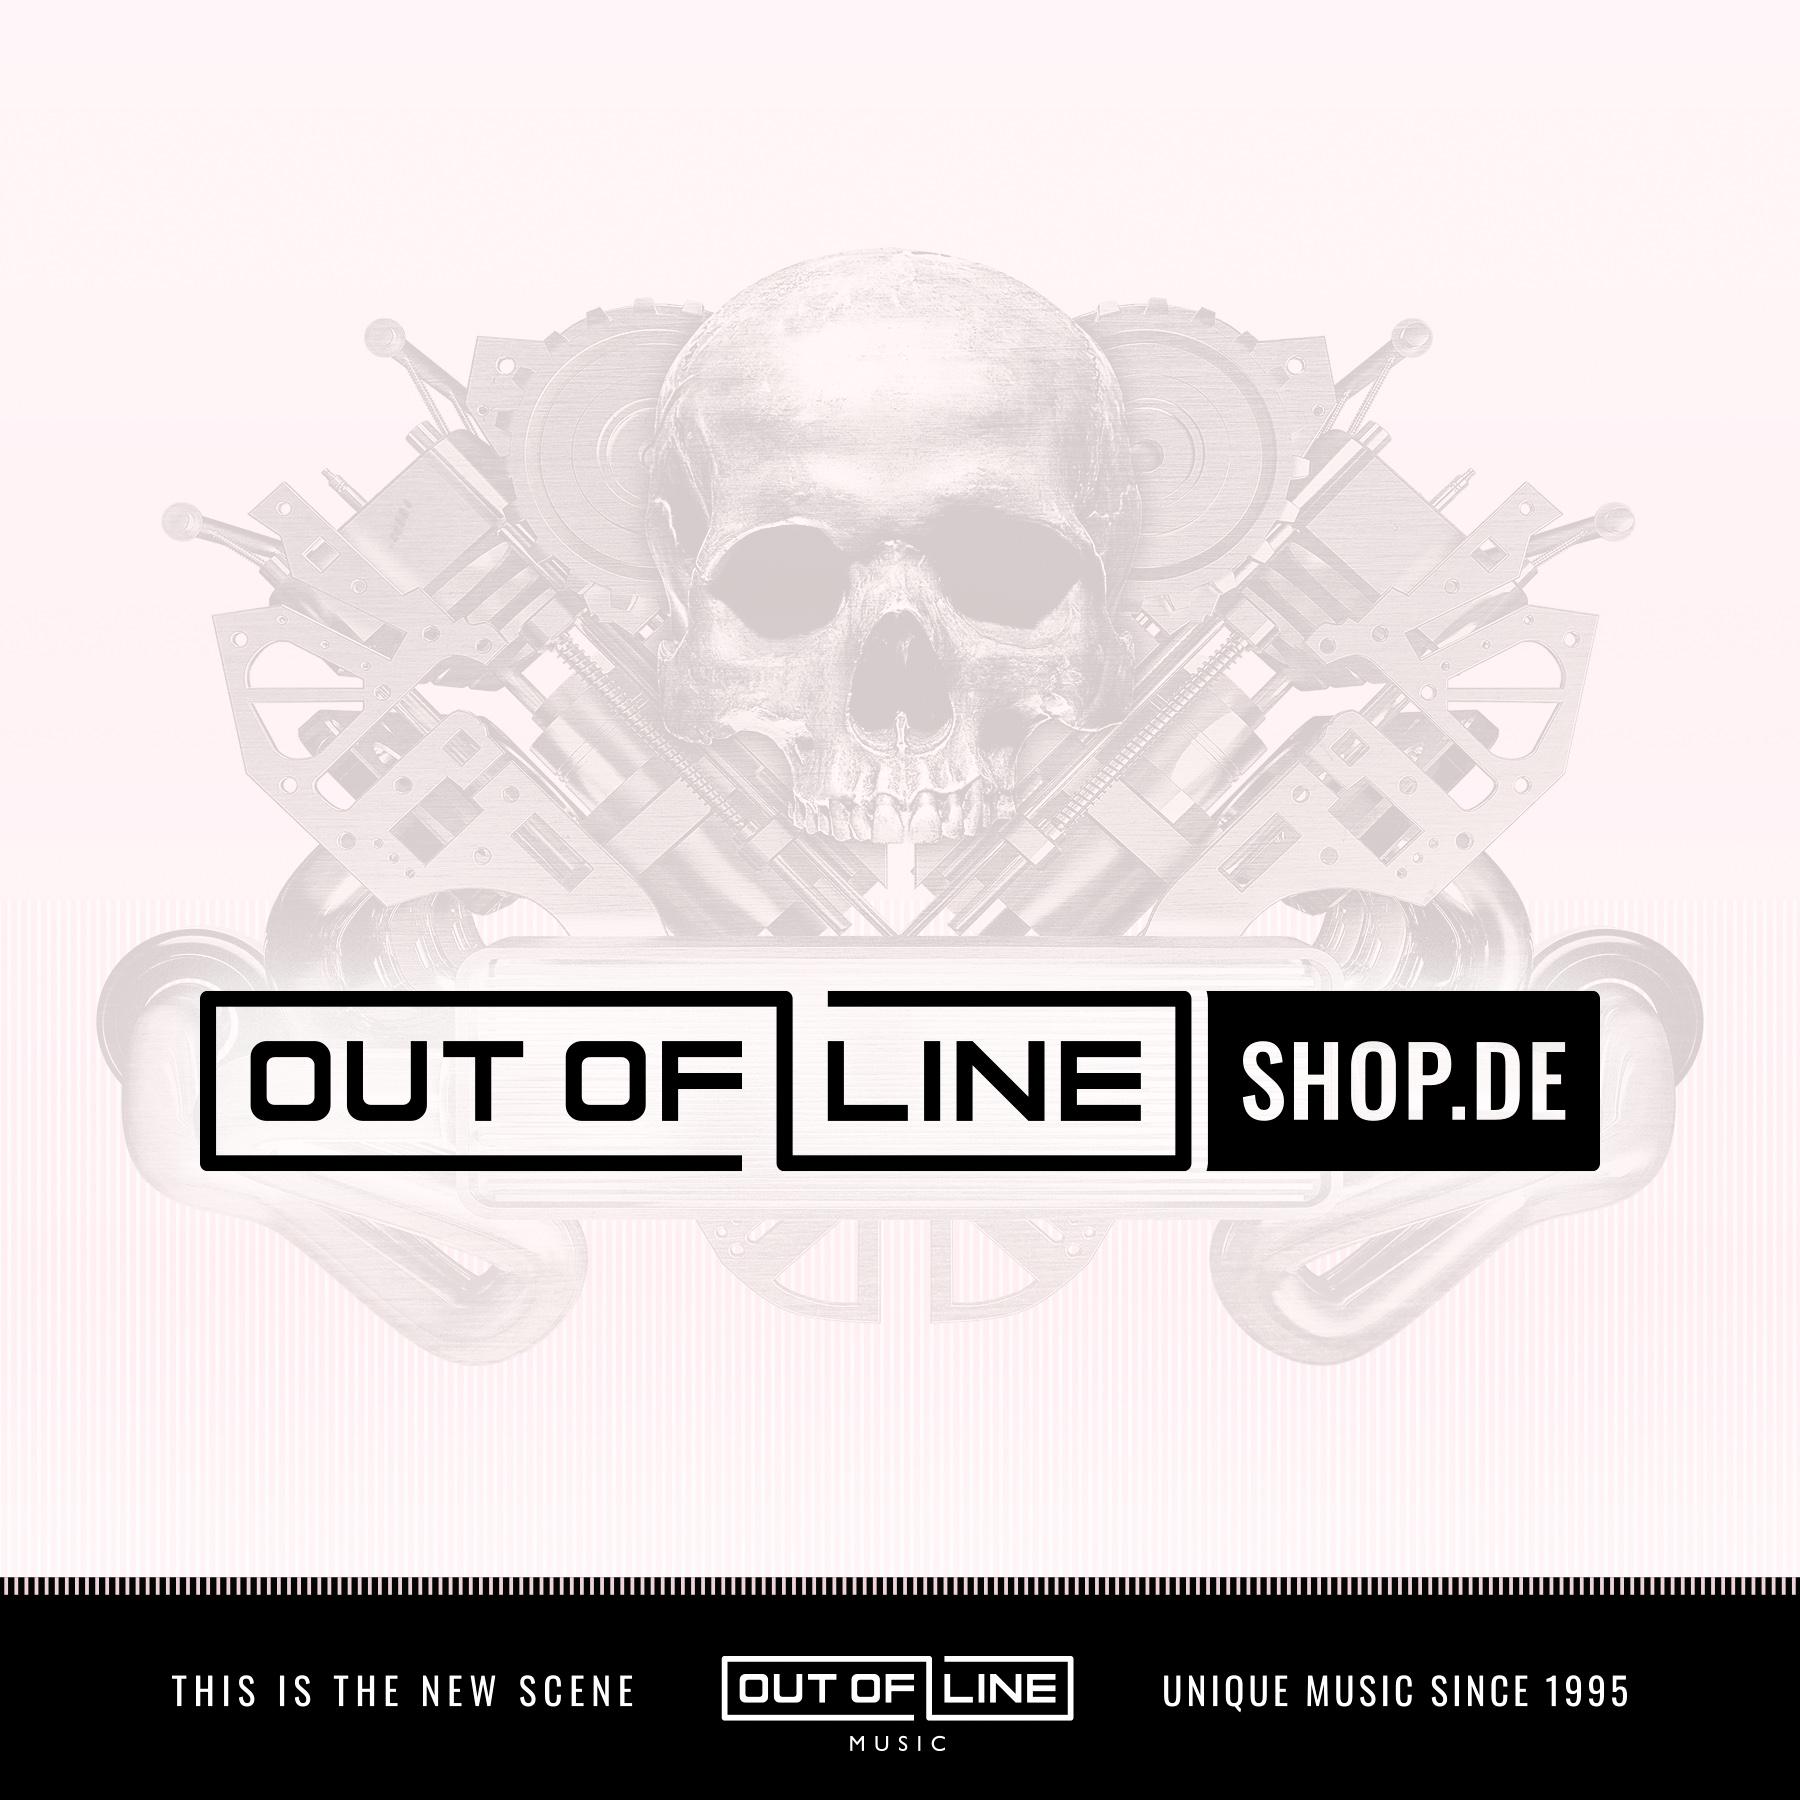 Night Laser - Power To Power - T-Shirt/CD/LP Bundle